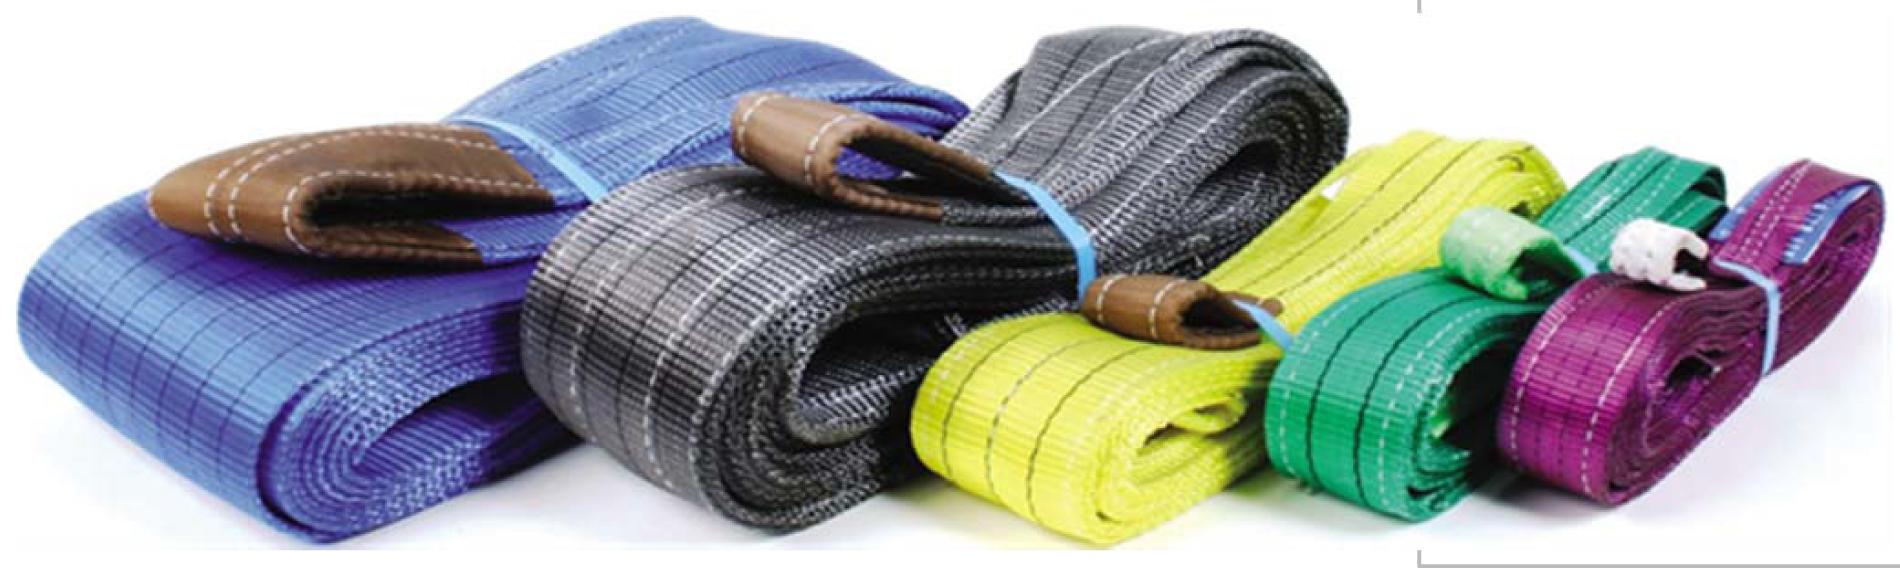 Textile bands